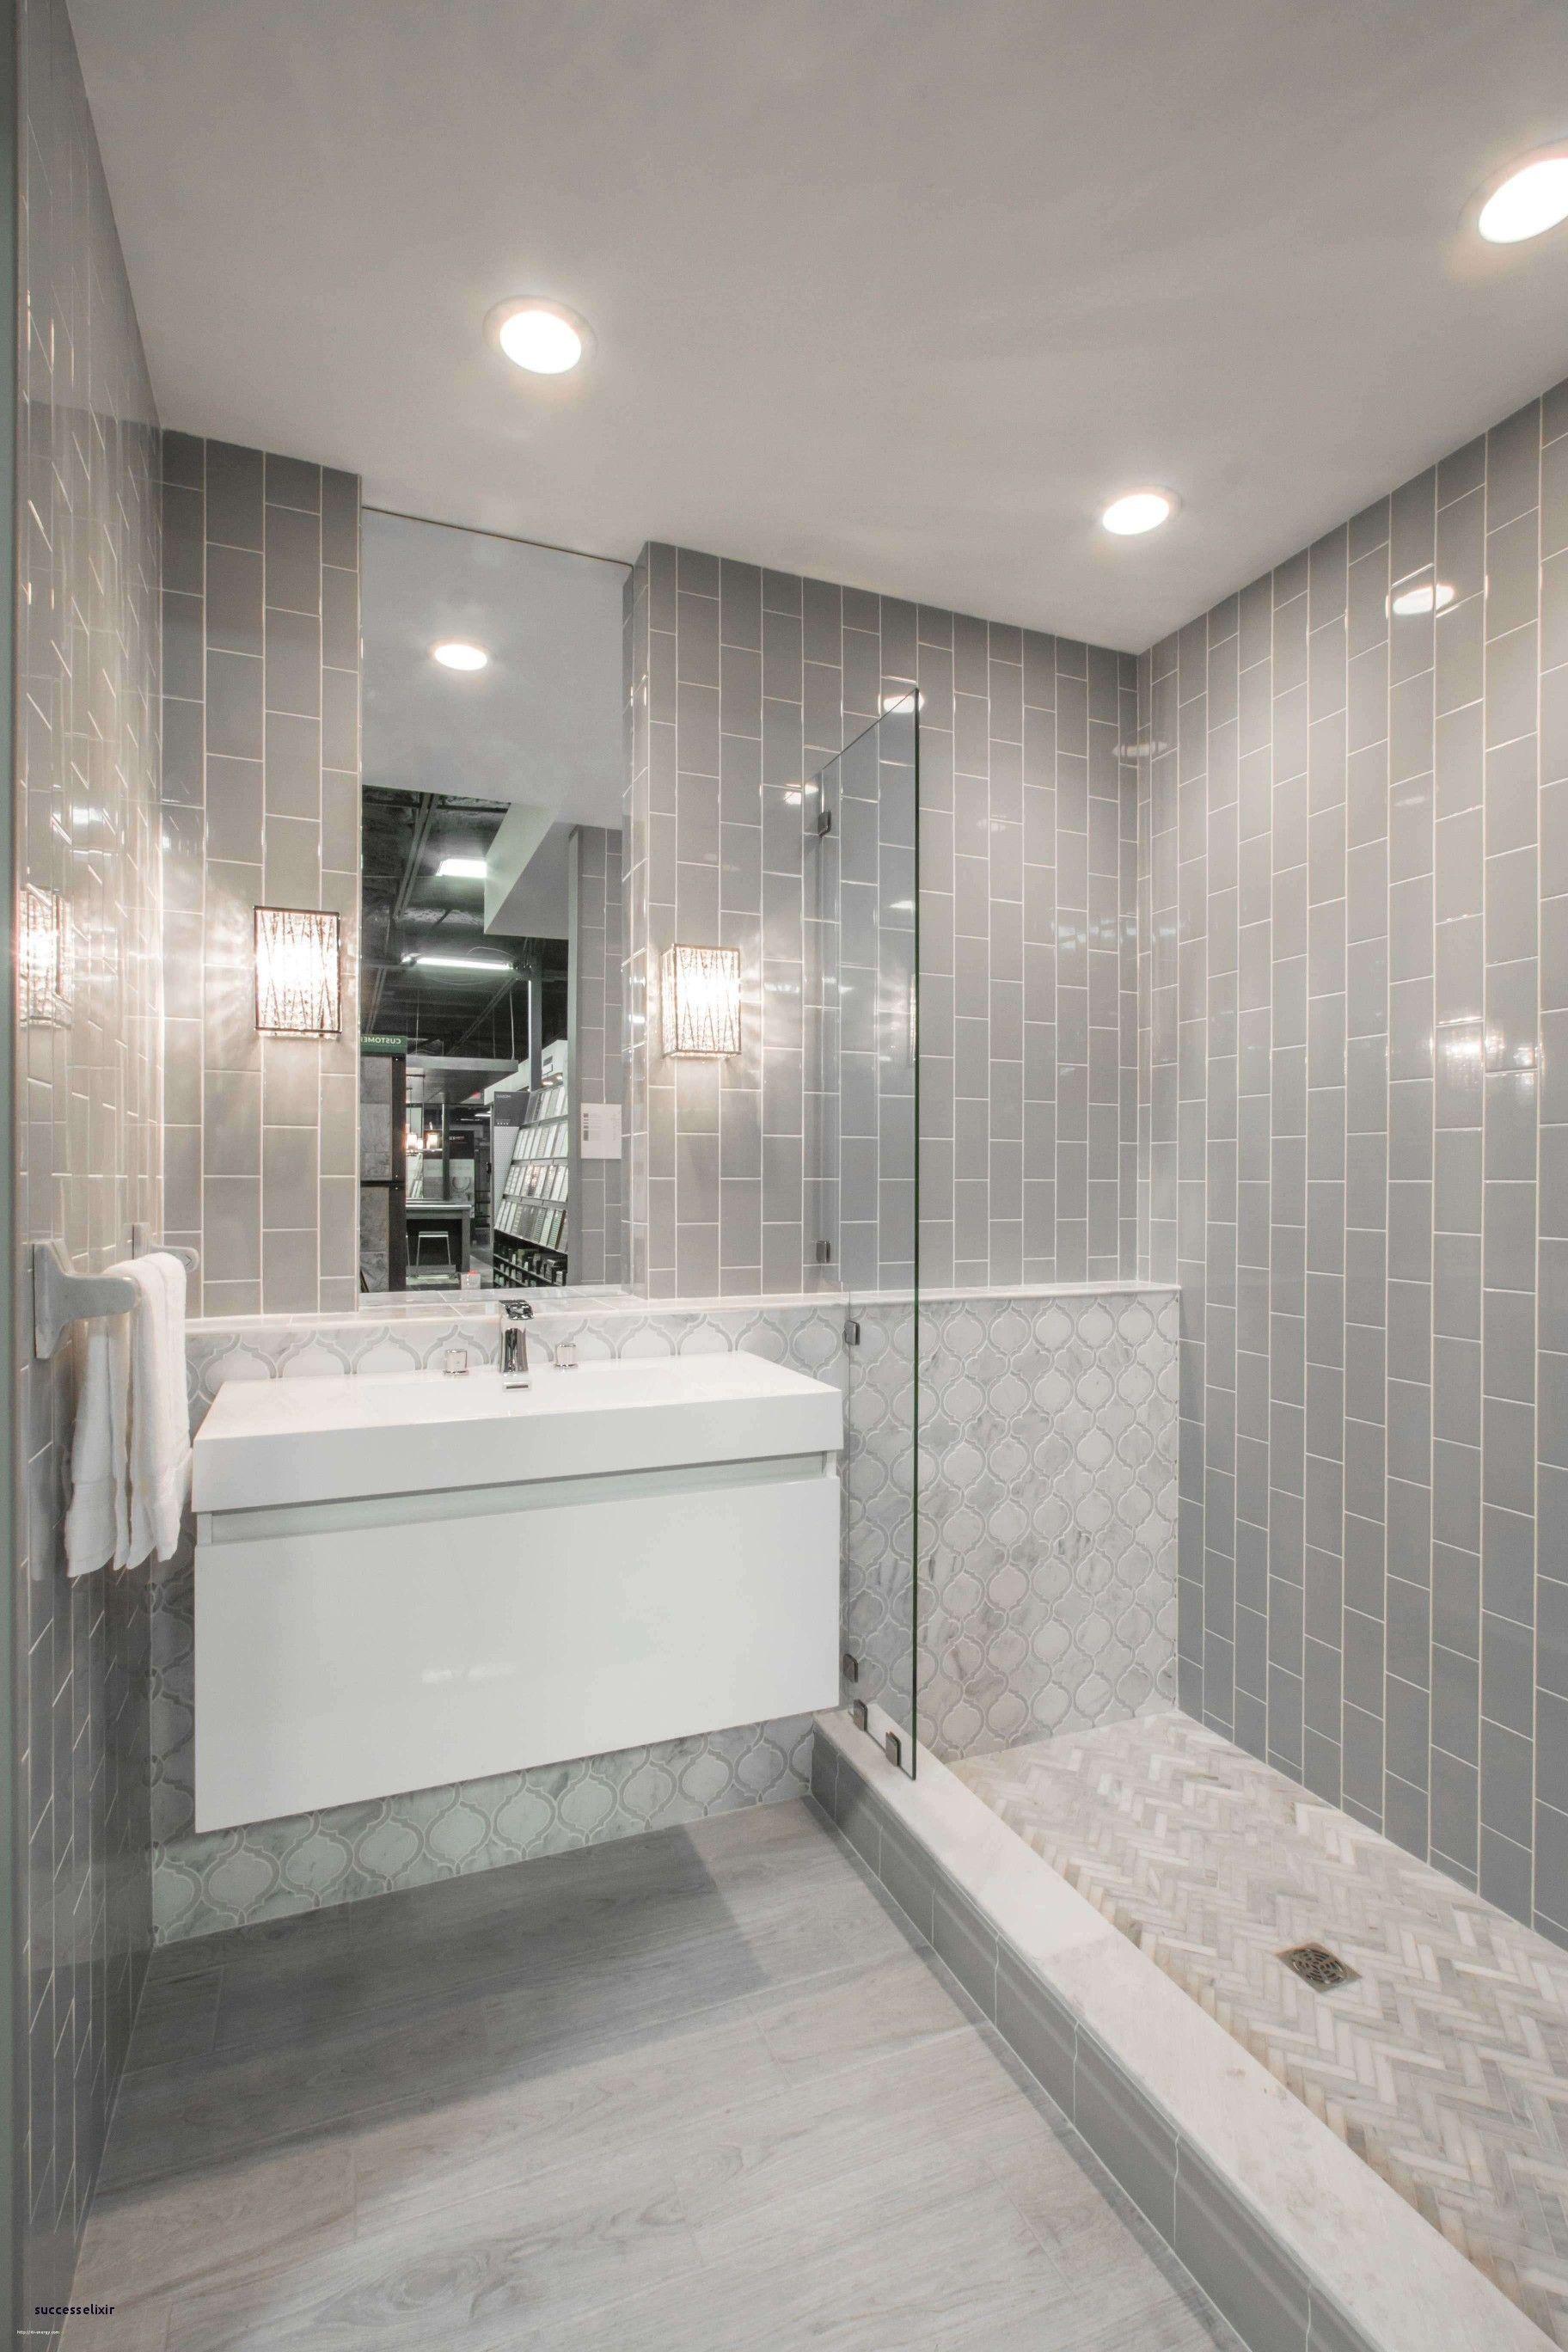 Home Wall Tiles Design Images Valoblogi Com